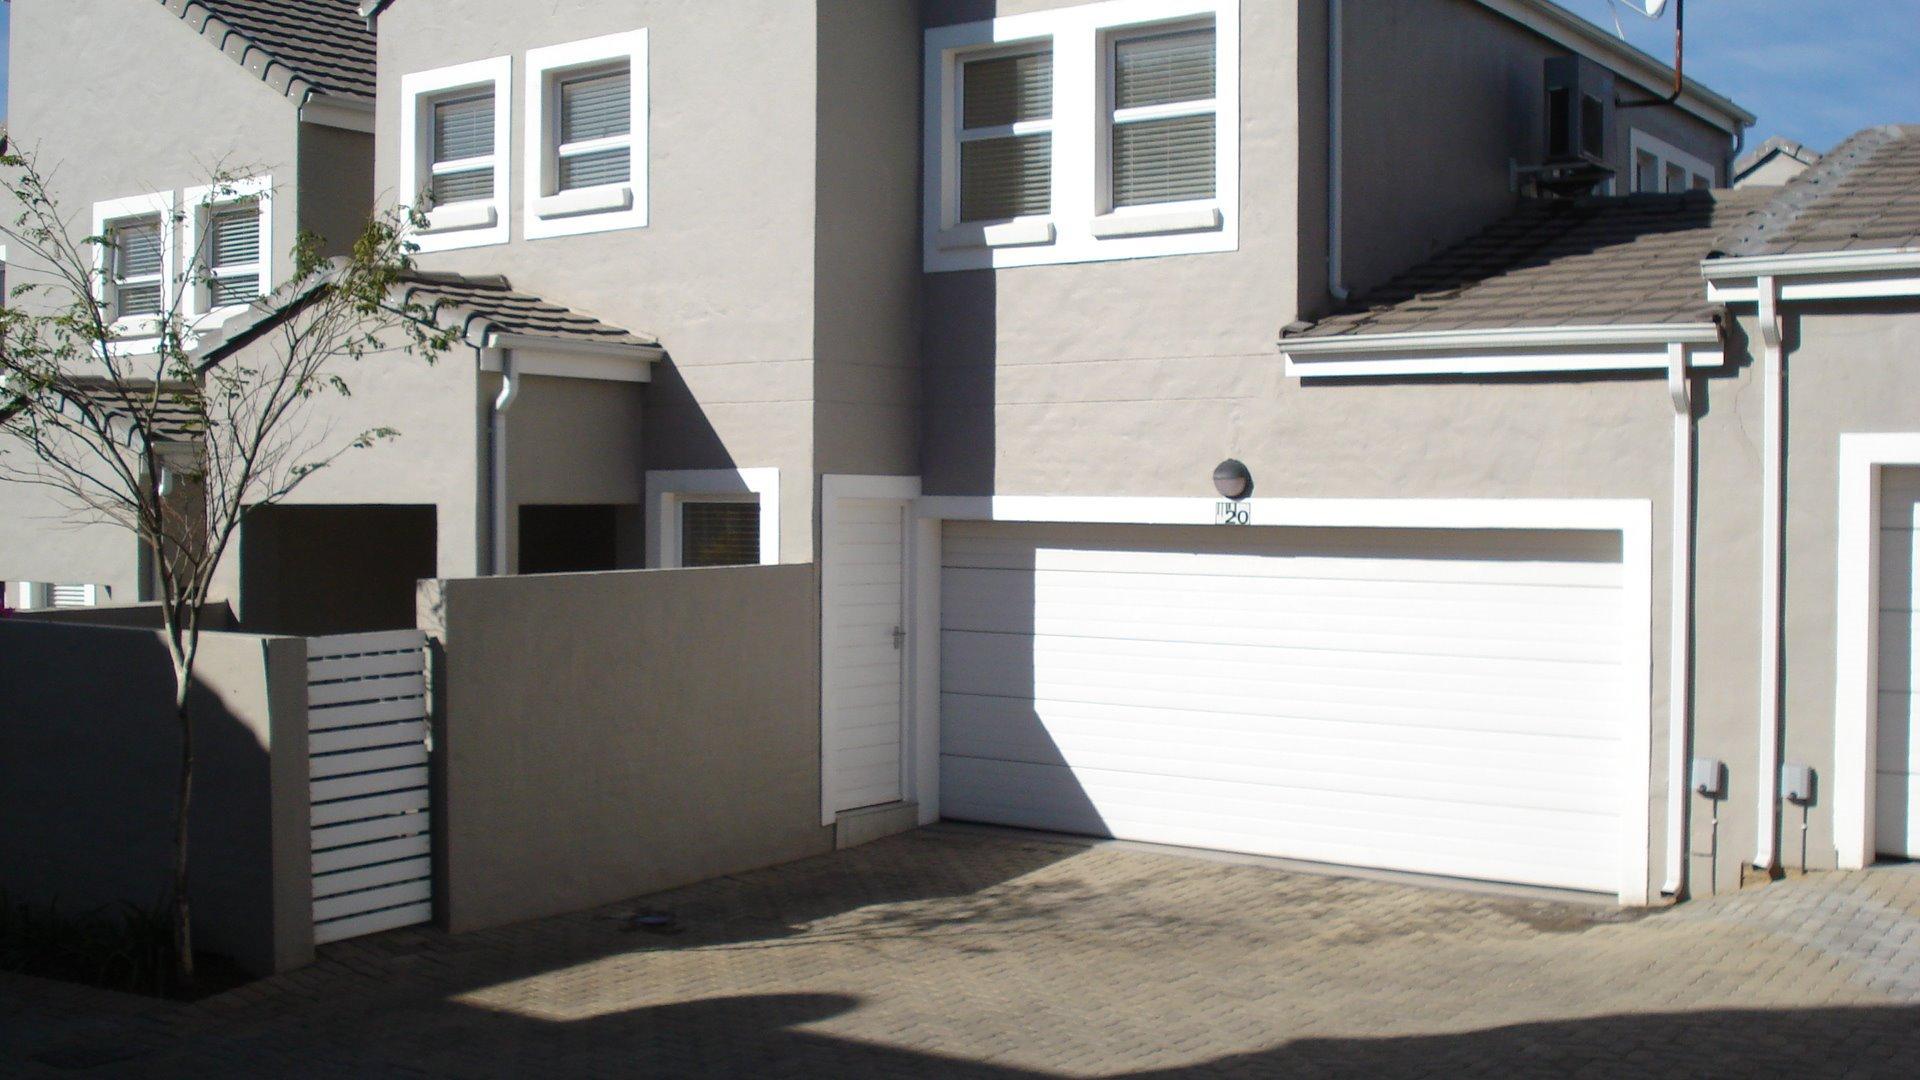 Randburg, Boskruin Property  | Houses For Sale Boskruin, Boskruin, Townhouse 3 bedrooms property for sale Price:1,499,000